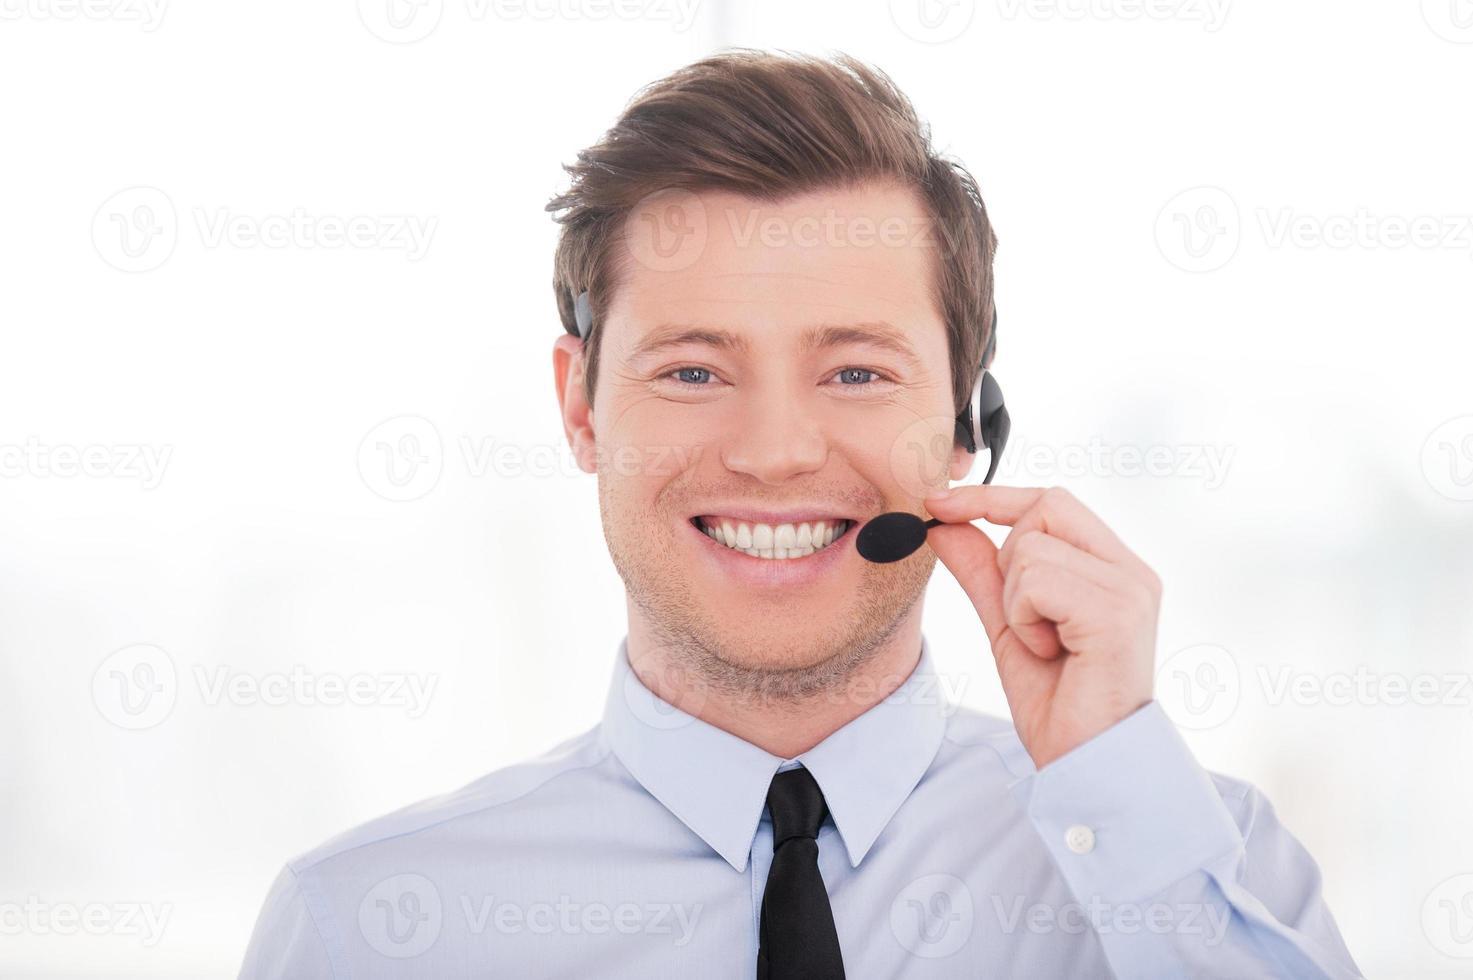 alegre representante do serviço ao cliente. foto